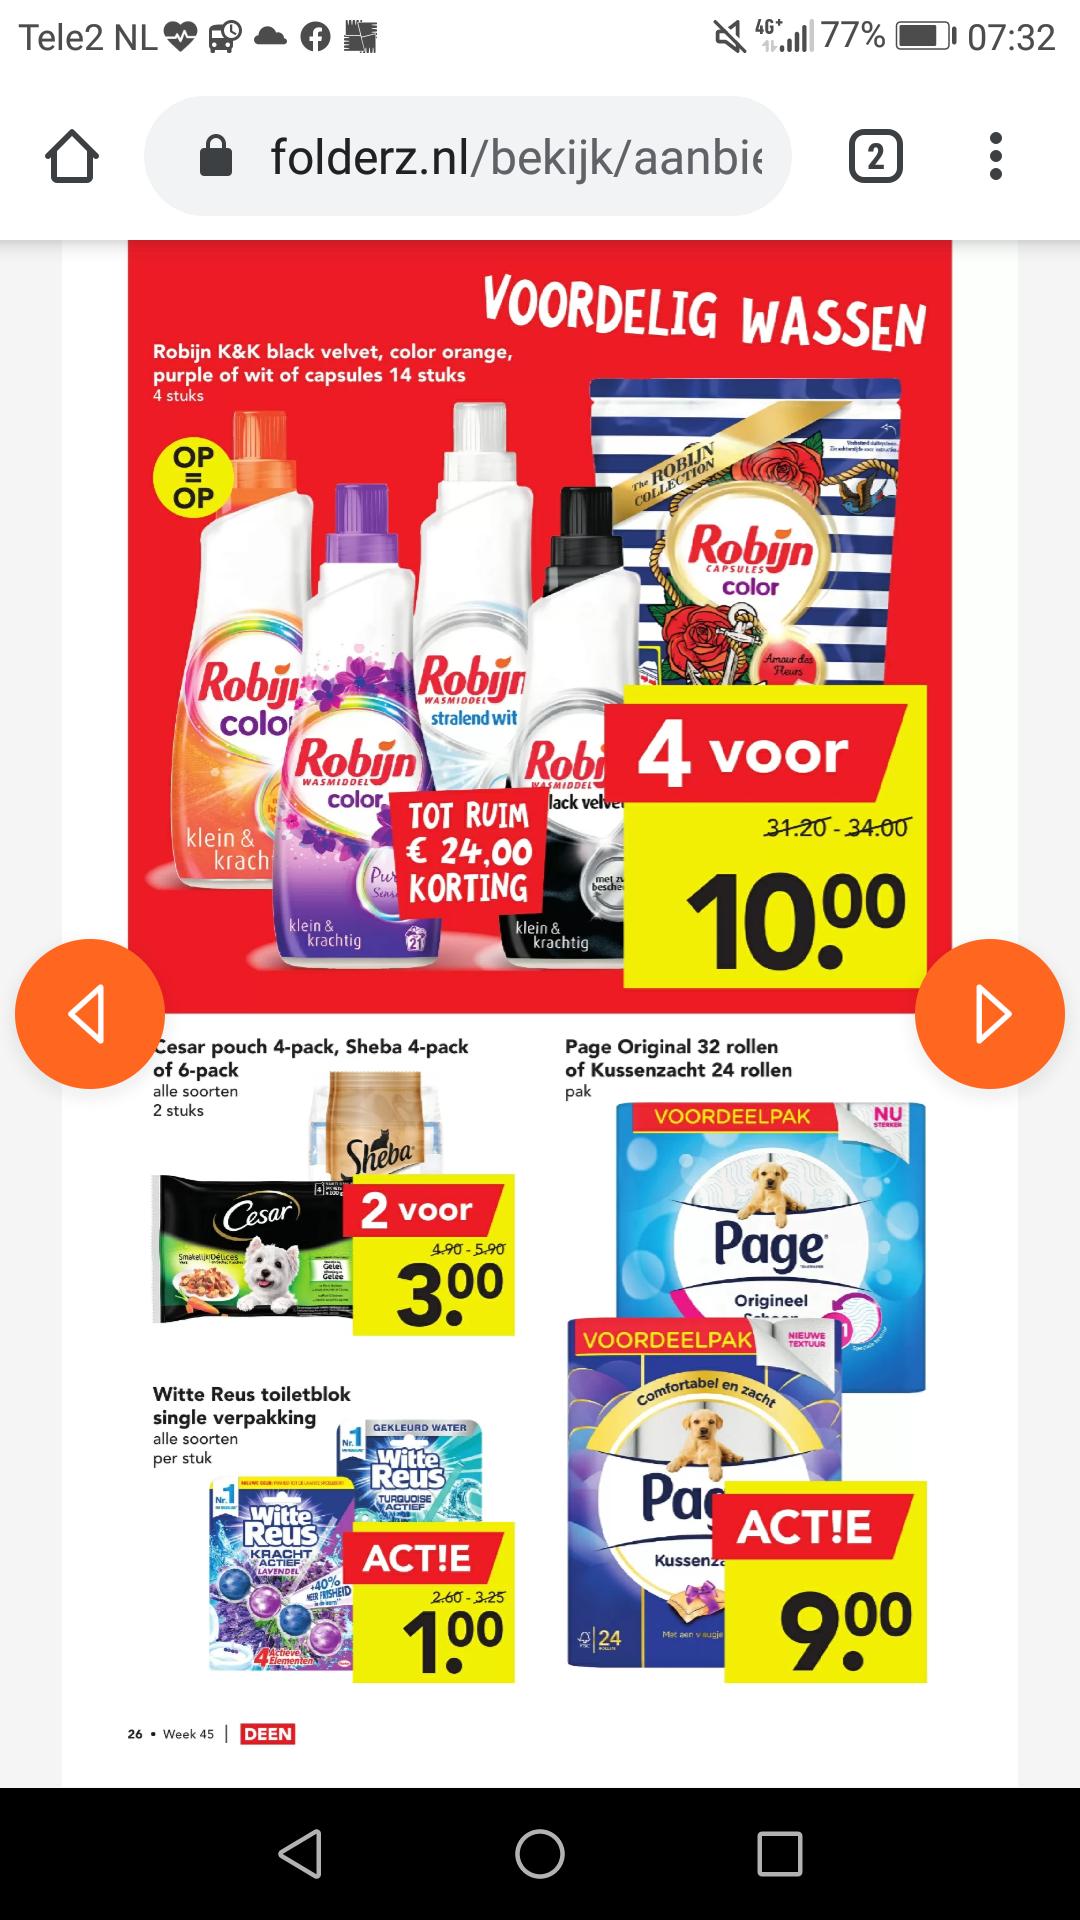 Robijn wasmiddel 4 voor €10 bij Deen